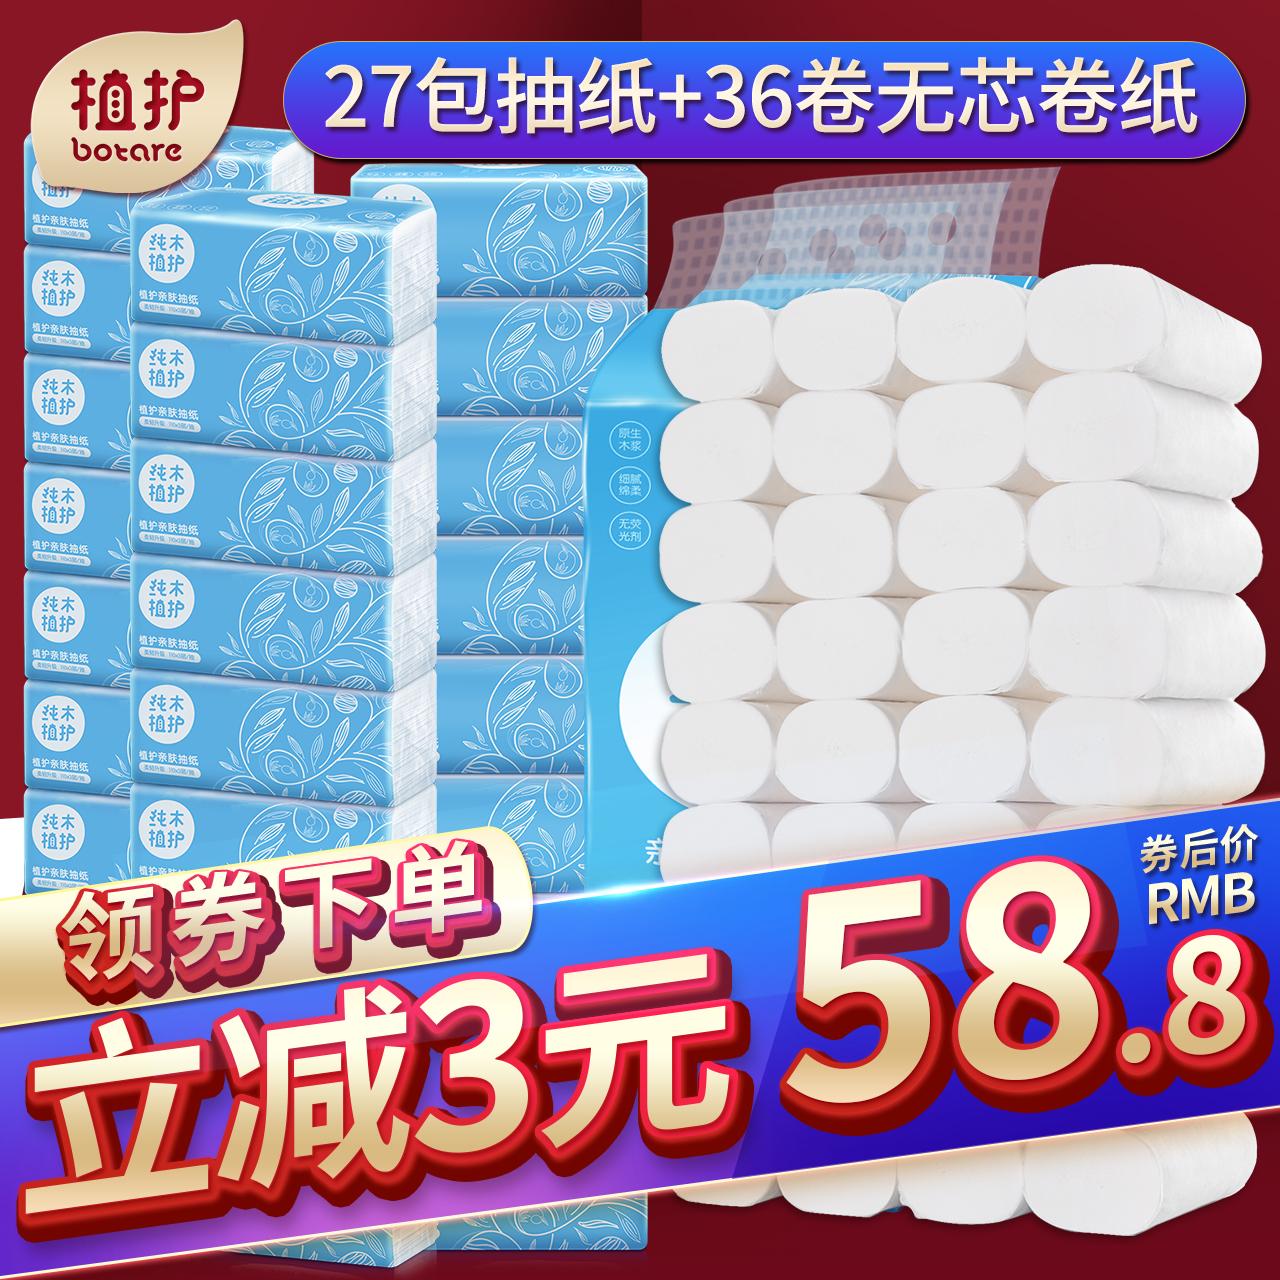 纯木植护抽纸批发整箱纸抽包邮促销家庭装卫生纸巾家用实惠装500